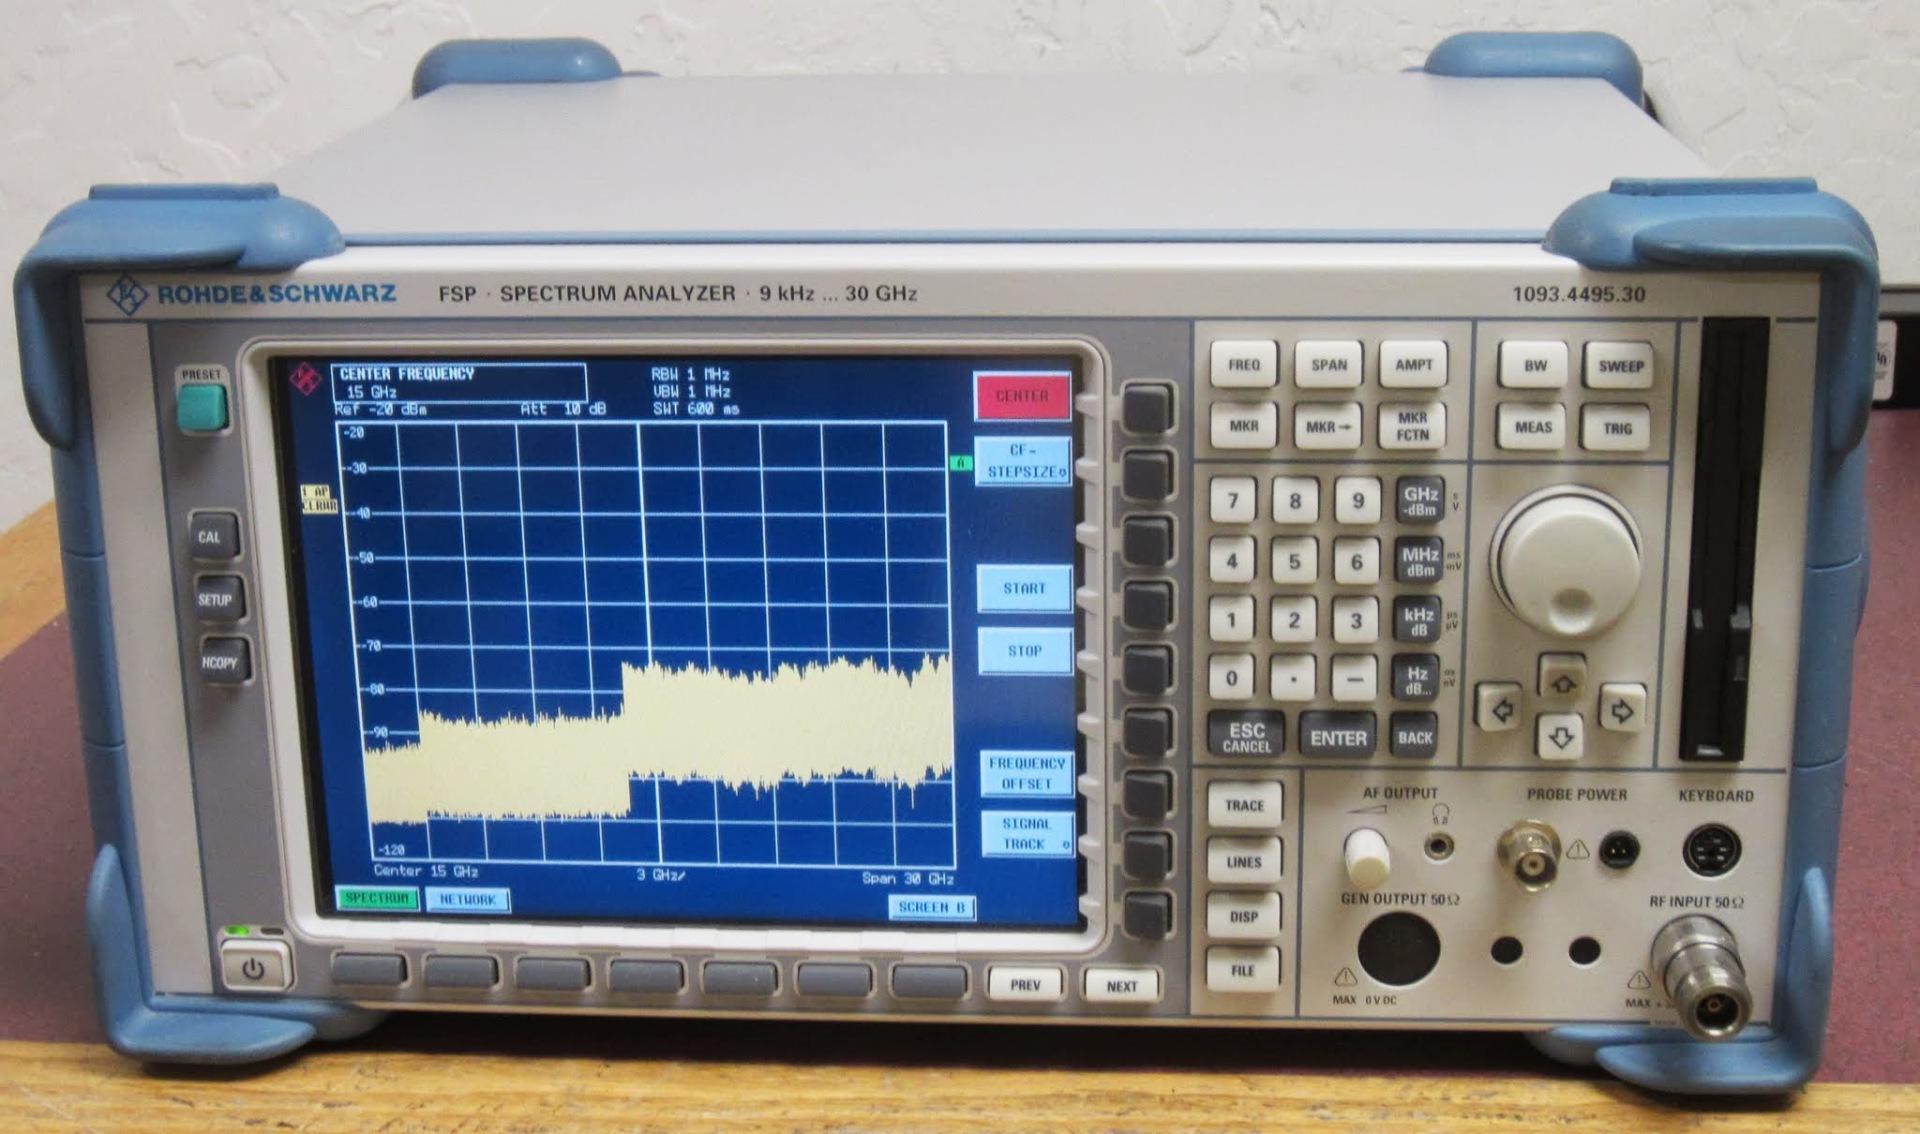 科瑞 频谱分析仪 FSP30频谱分析仪 罗德与施瓦茨频谱分析仪 现货促销示例图1